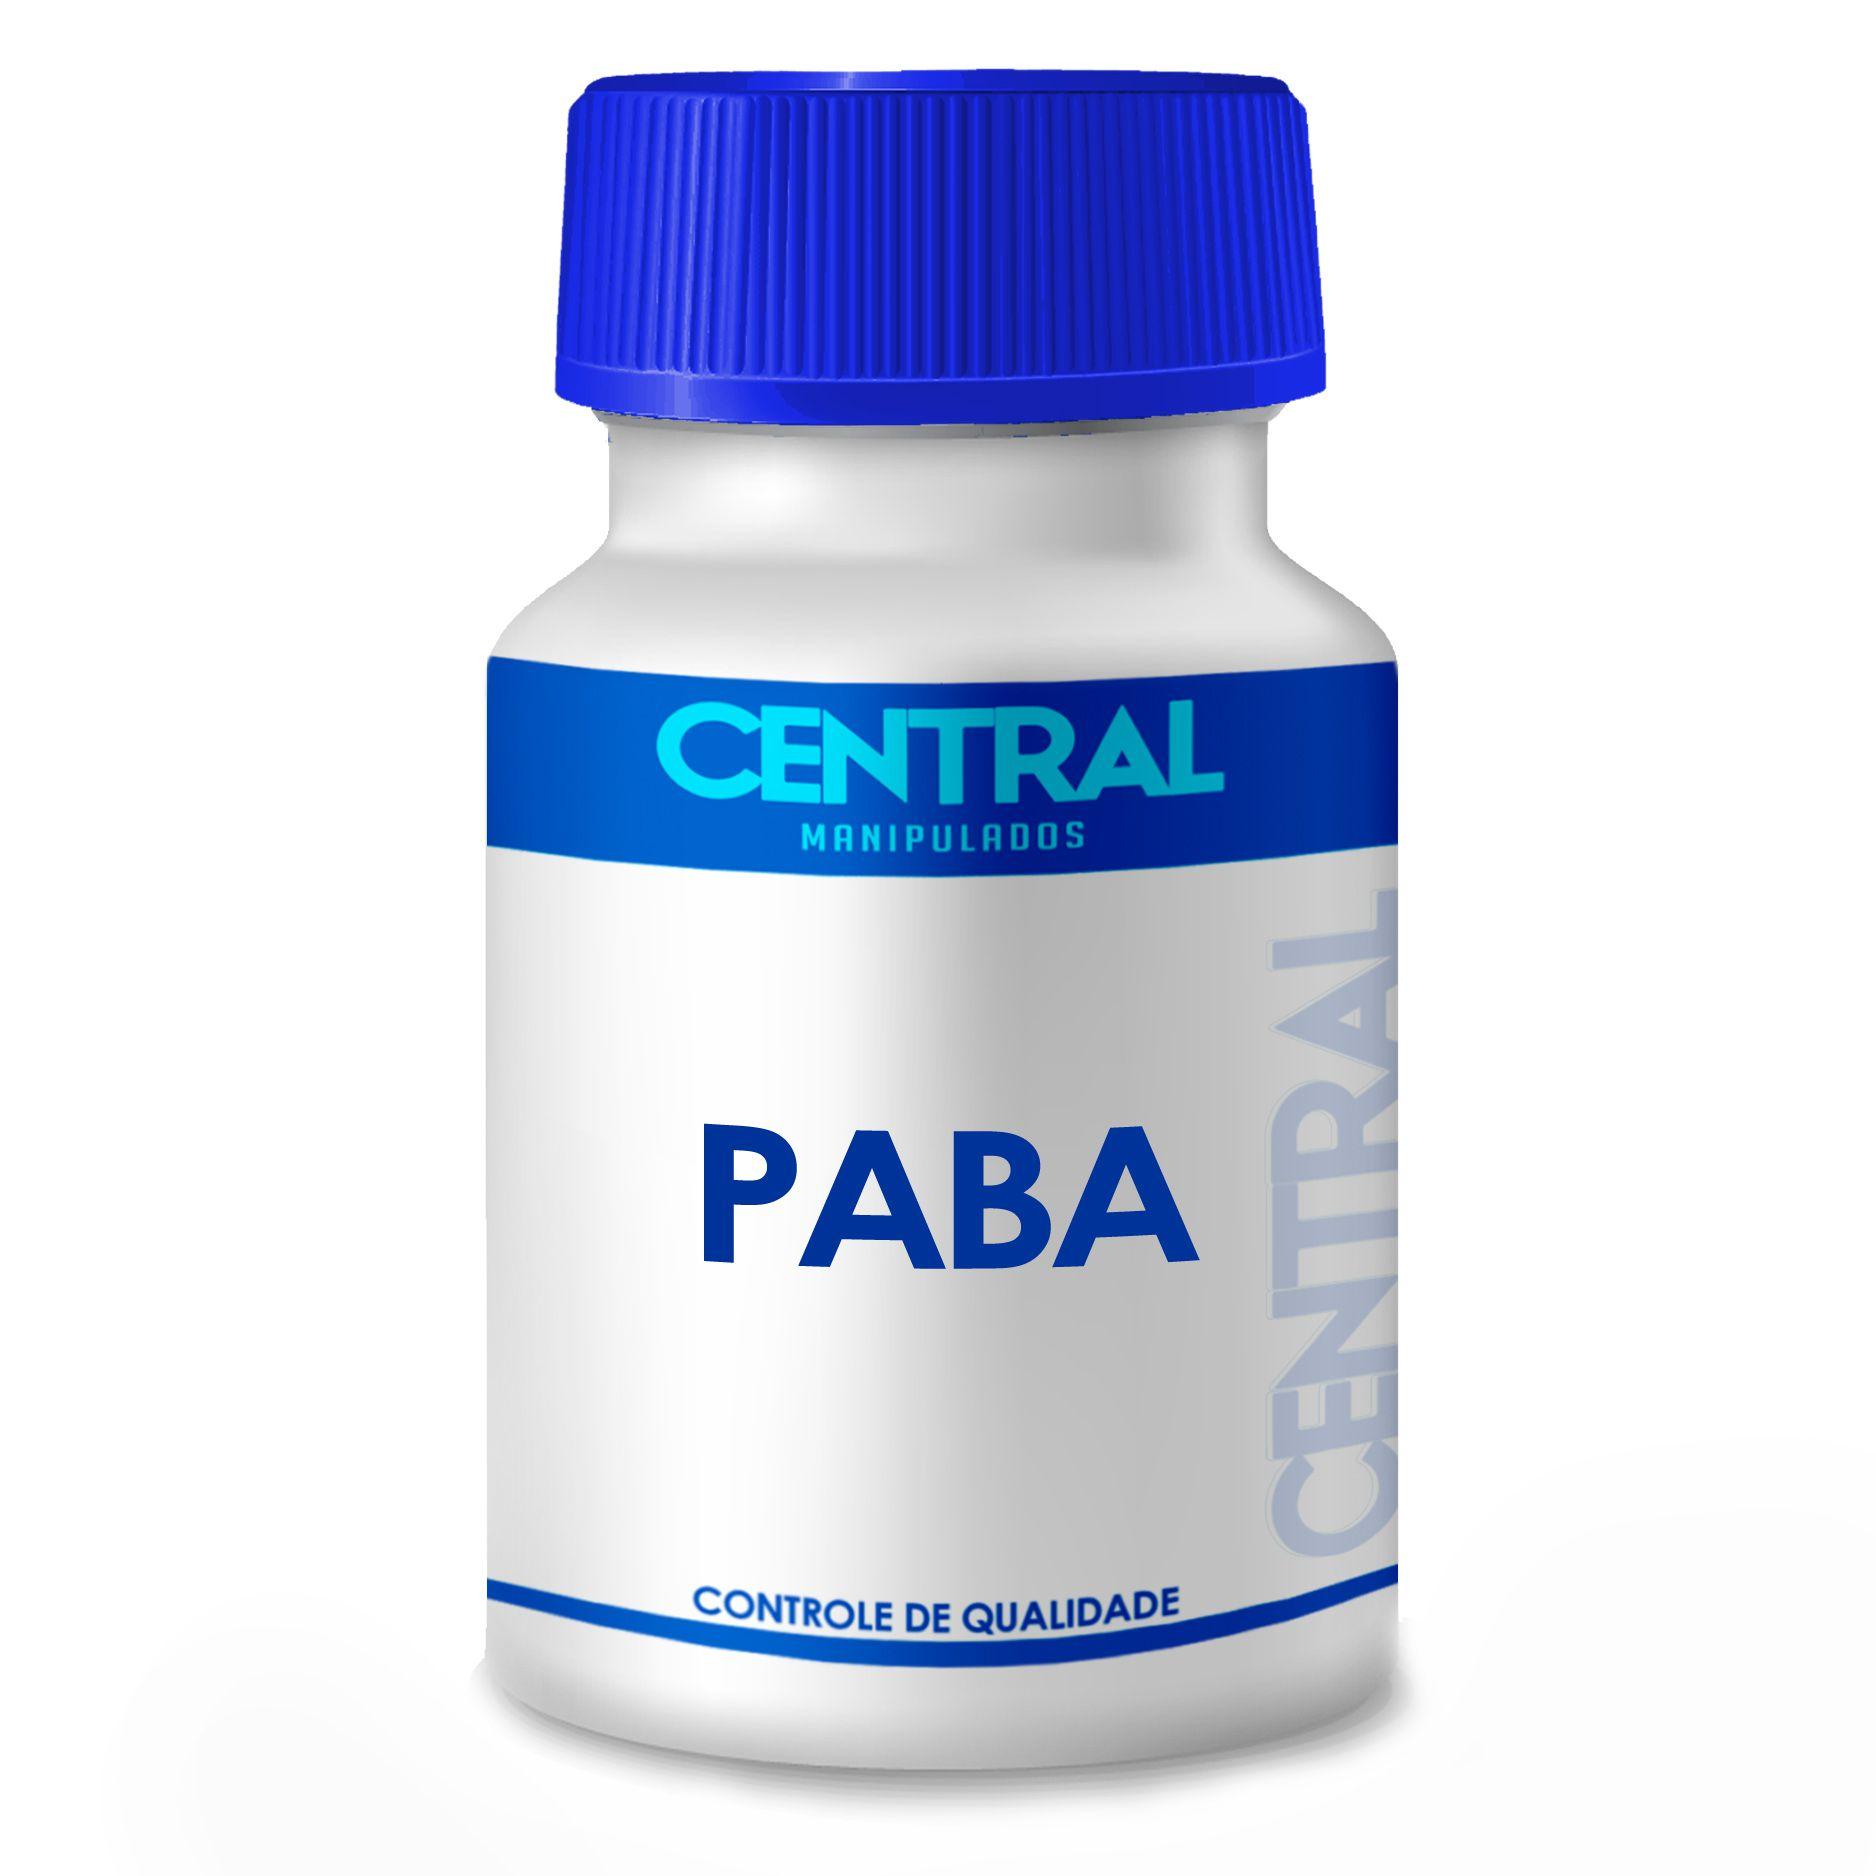 PABA - Antioxidante e Previne e evita queda capilar - 20mg - 60 cápsulas